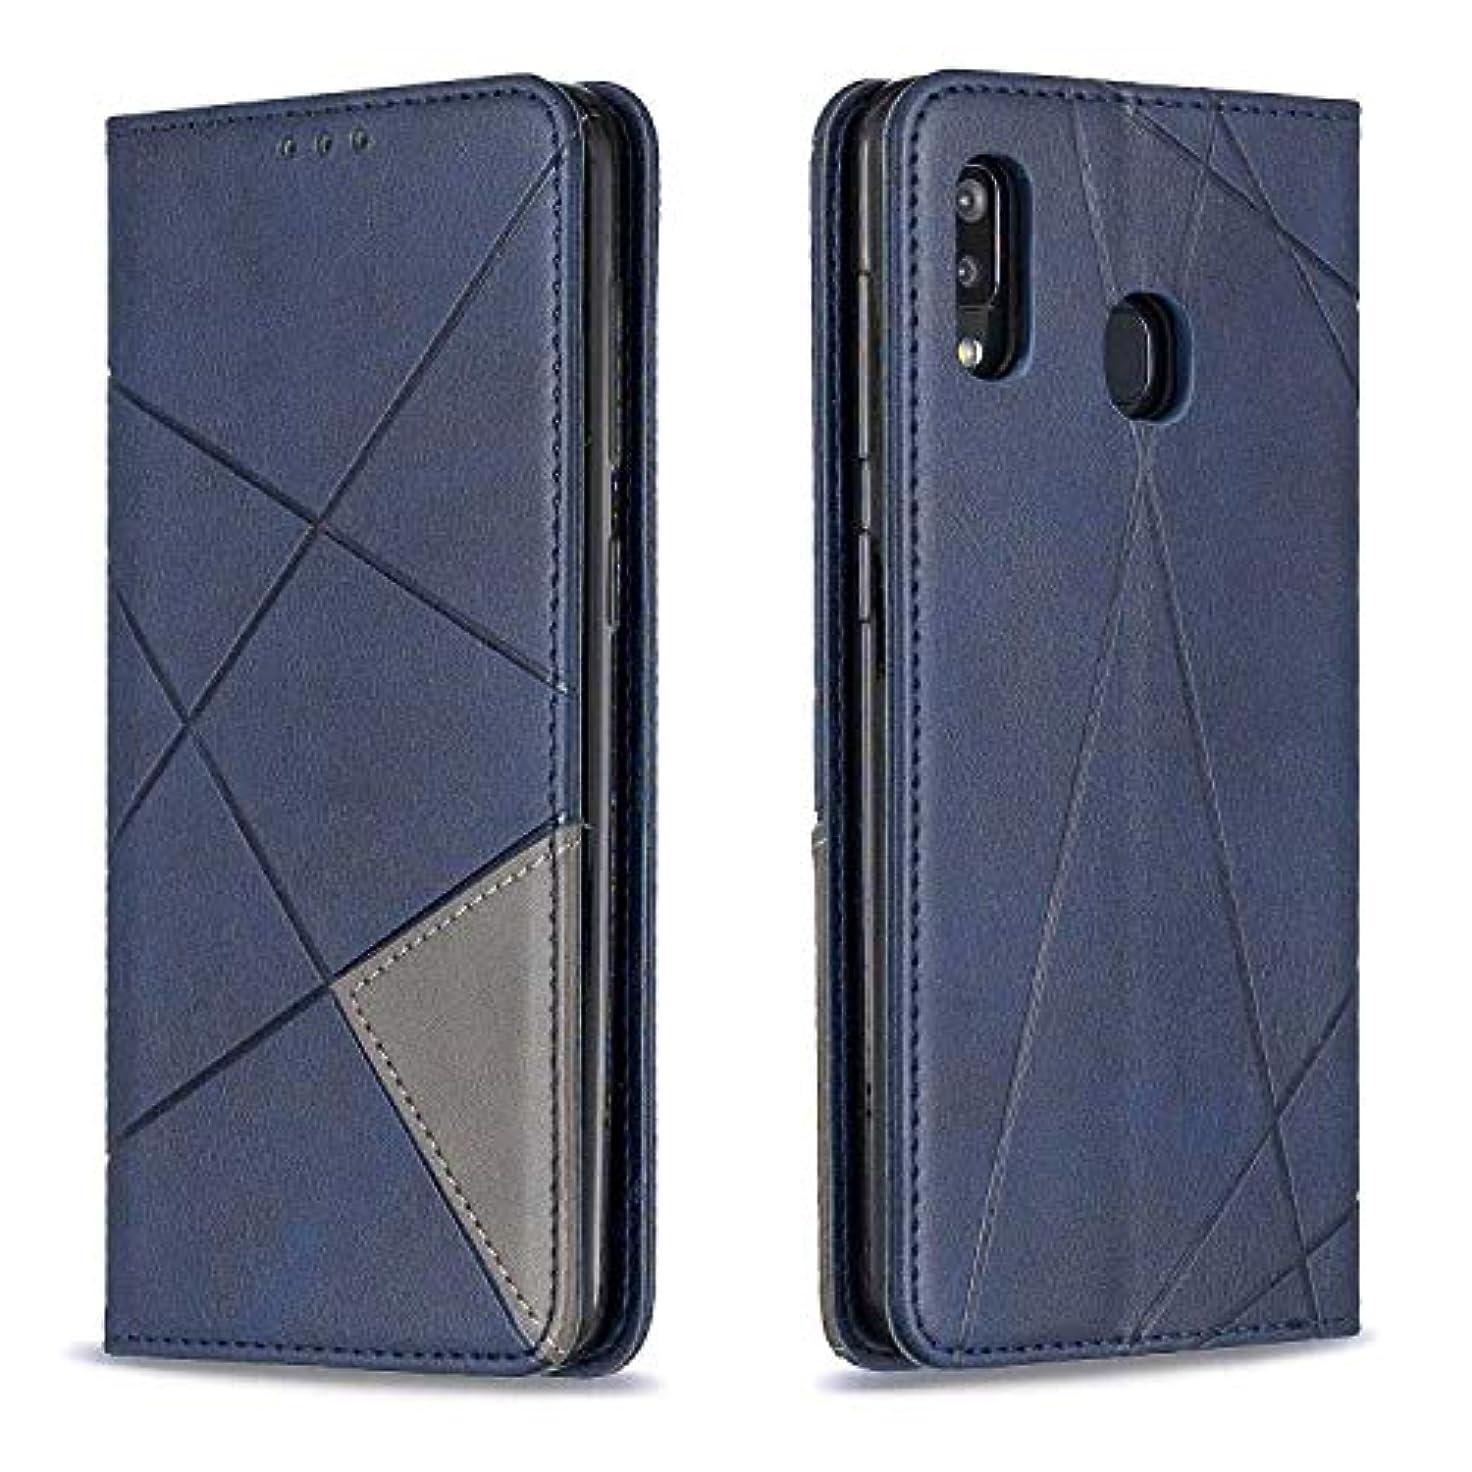 ライオネルグリーンストリート農学パドルCUSKING Galaxy A30 / A20 ケース, 高級 Samsung Galaxy A30 / A20 手帳型 スマホケース, PUレザー フリップ ノート型 カード収納 付き保護ケース, ブルー